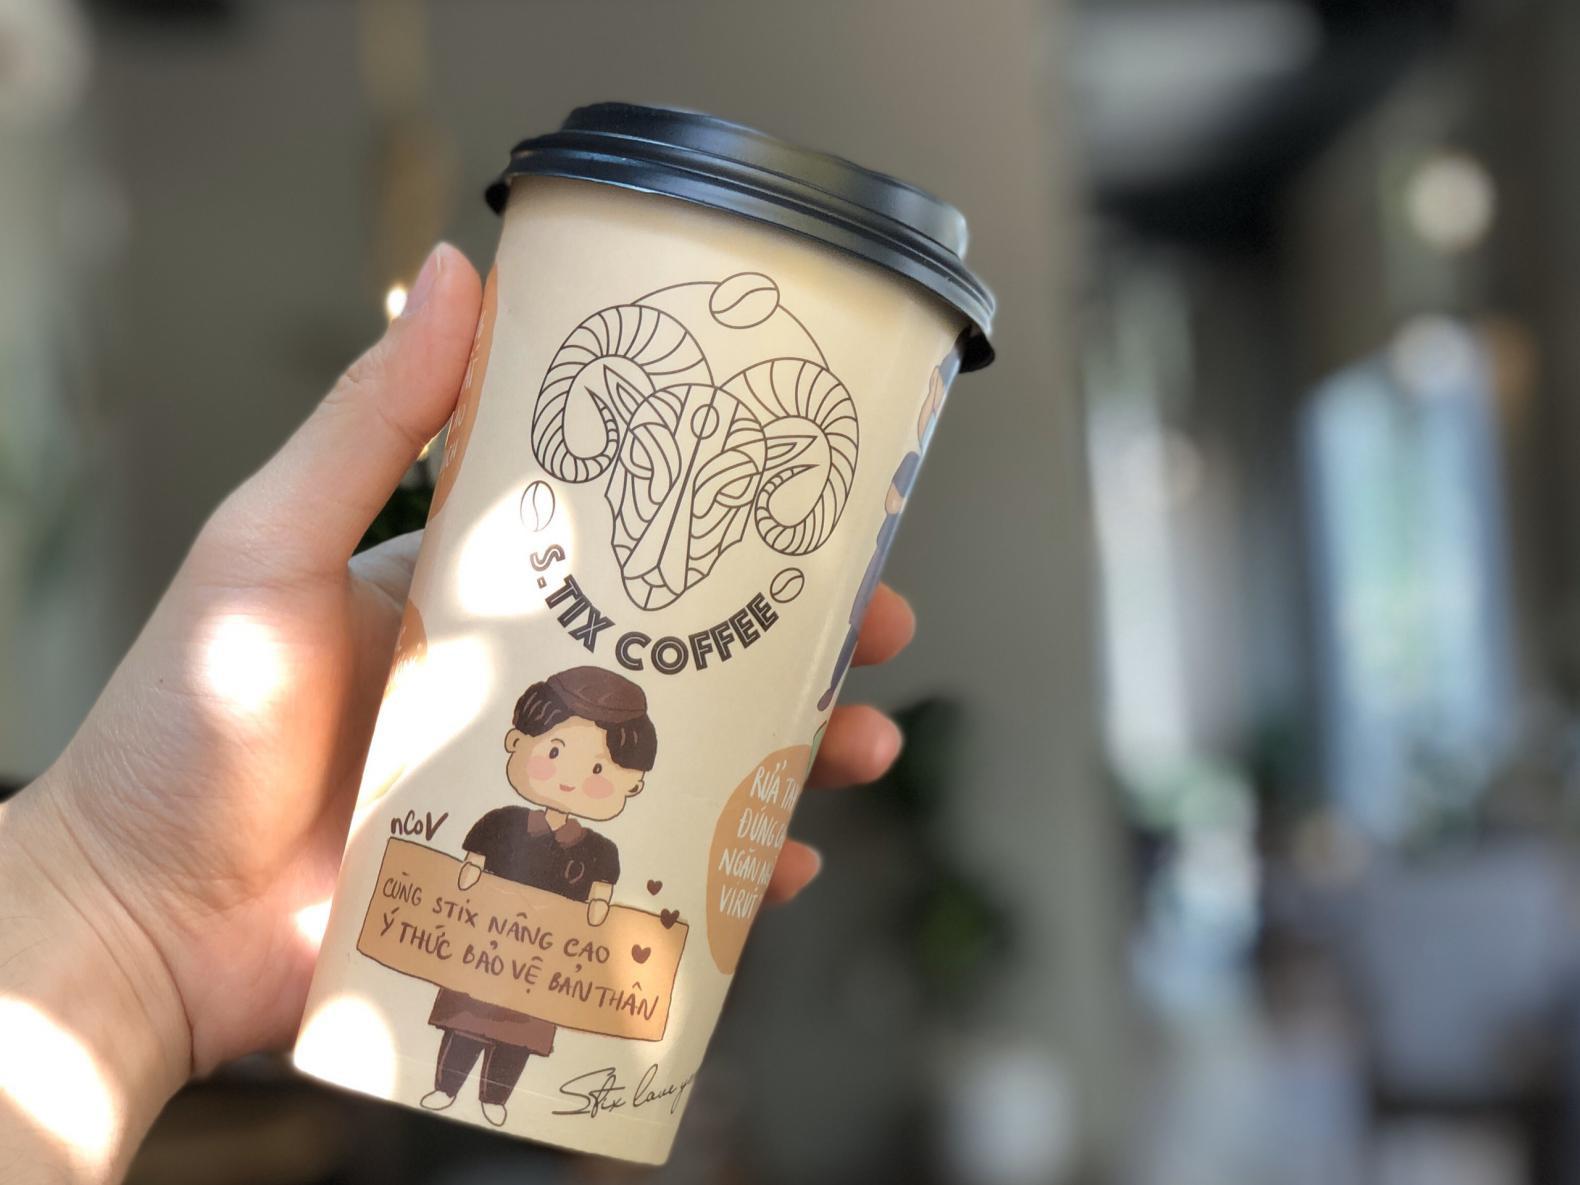 Cùng S.Tix Coffee lan tỏa các biện pháp phòng ngừa dịch bệnh Covid-19 - Ảnh 1.